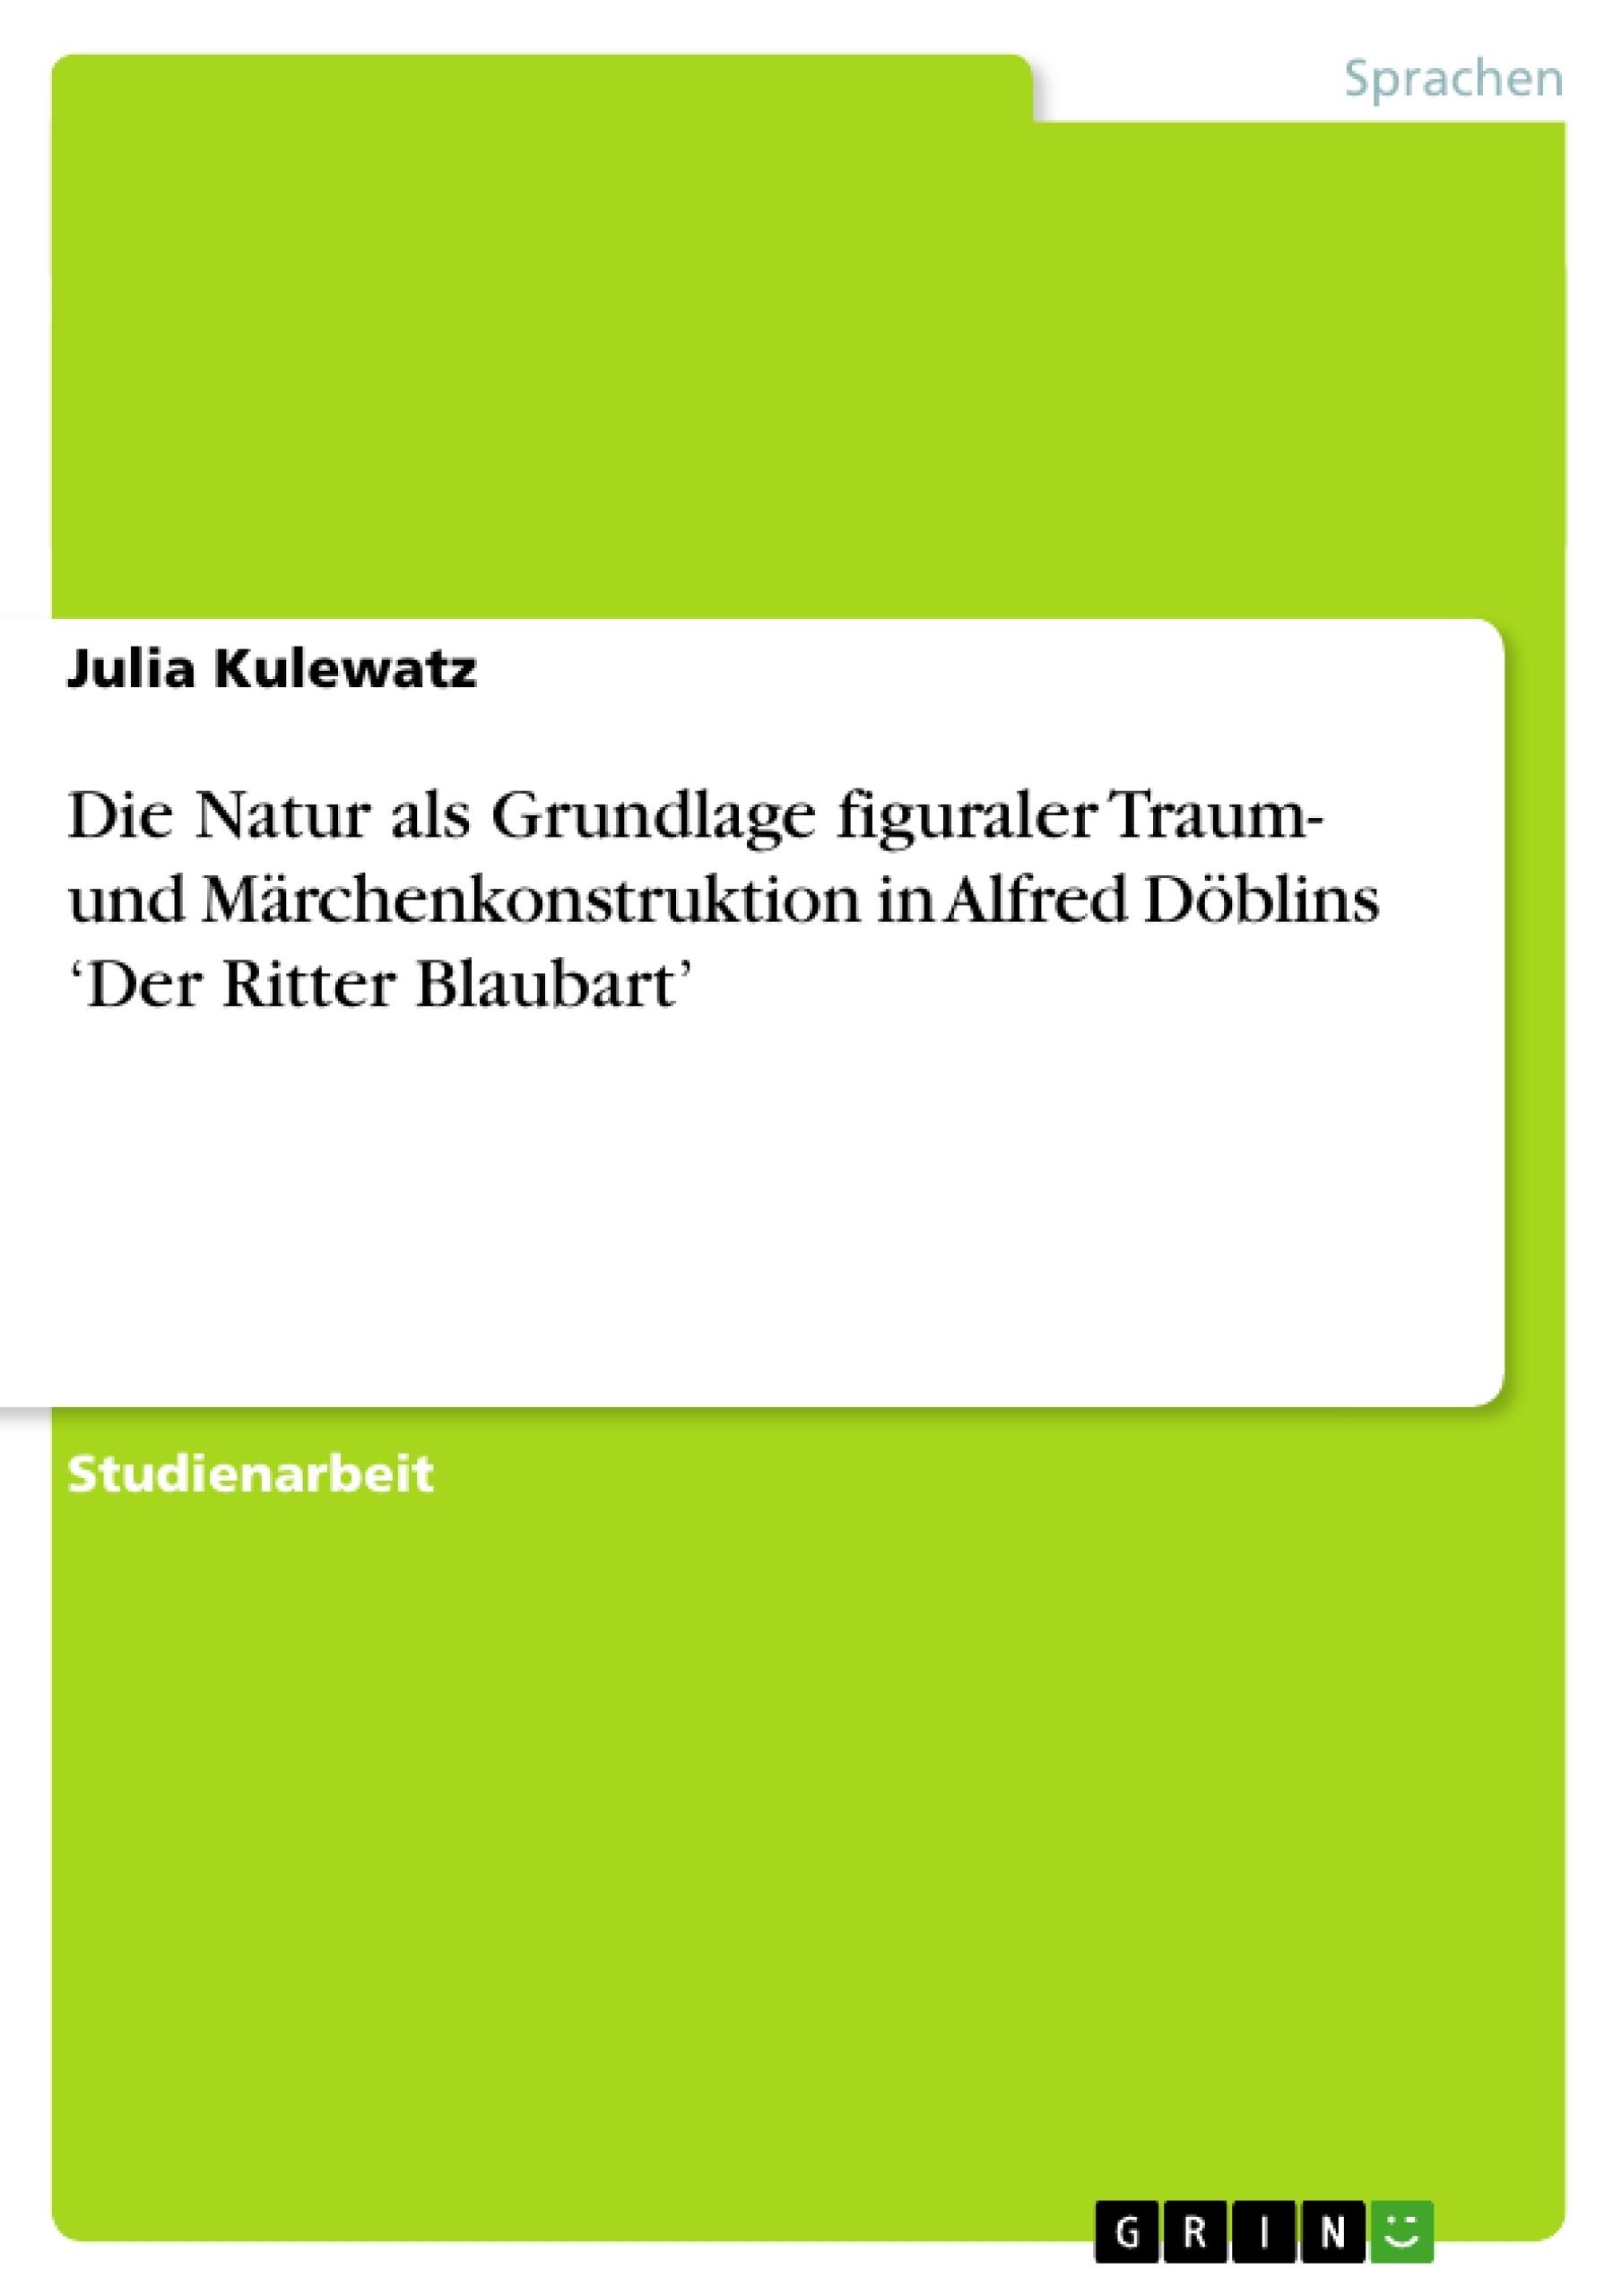 Titel: Die Natur als Grundlage figuraler Traum- und Märchenkonstruktion in Alfred Döblins 'Der Ritter Blaubart'